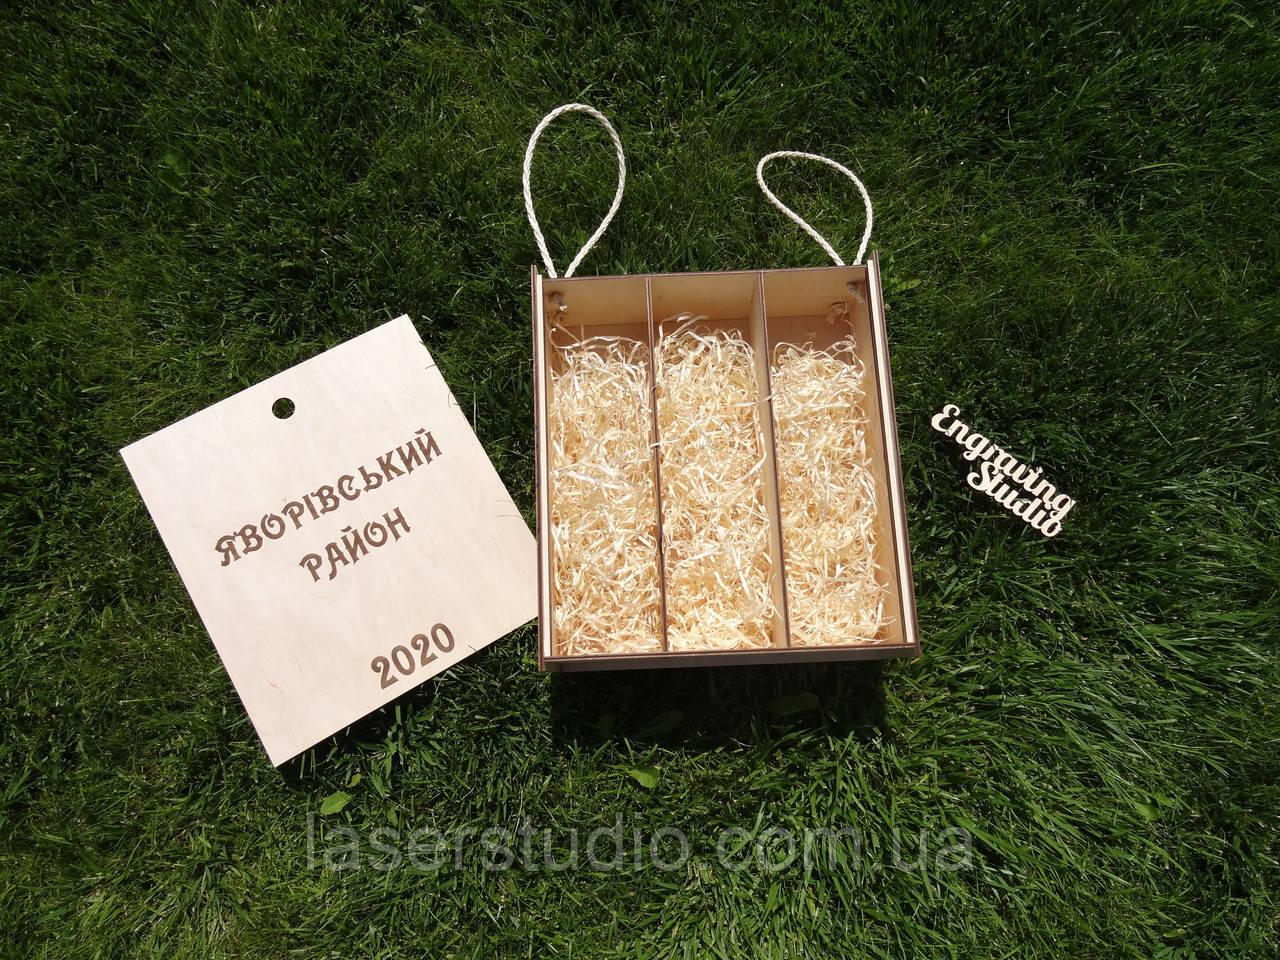 Подарочная коробка на 3 бутылки   Подарункова коробка для 3 пляшки   Индивидуальное оформление подарков!